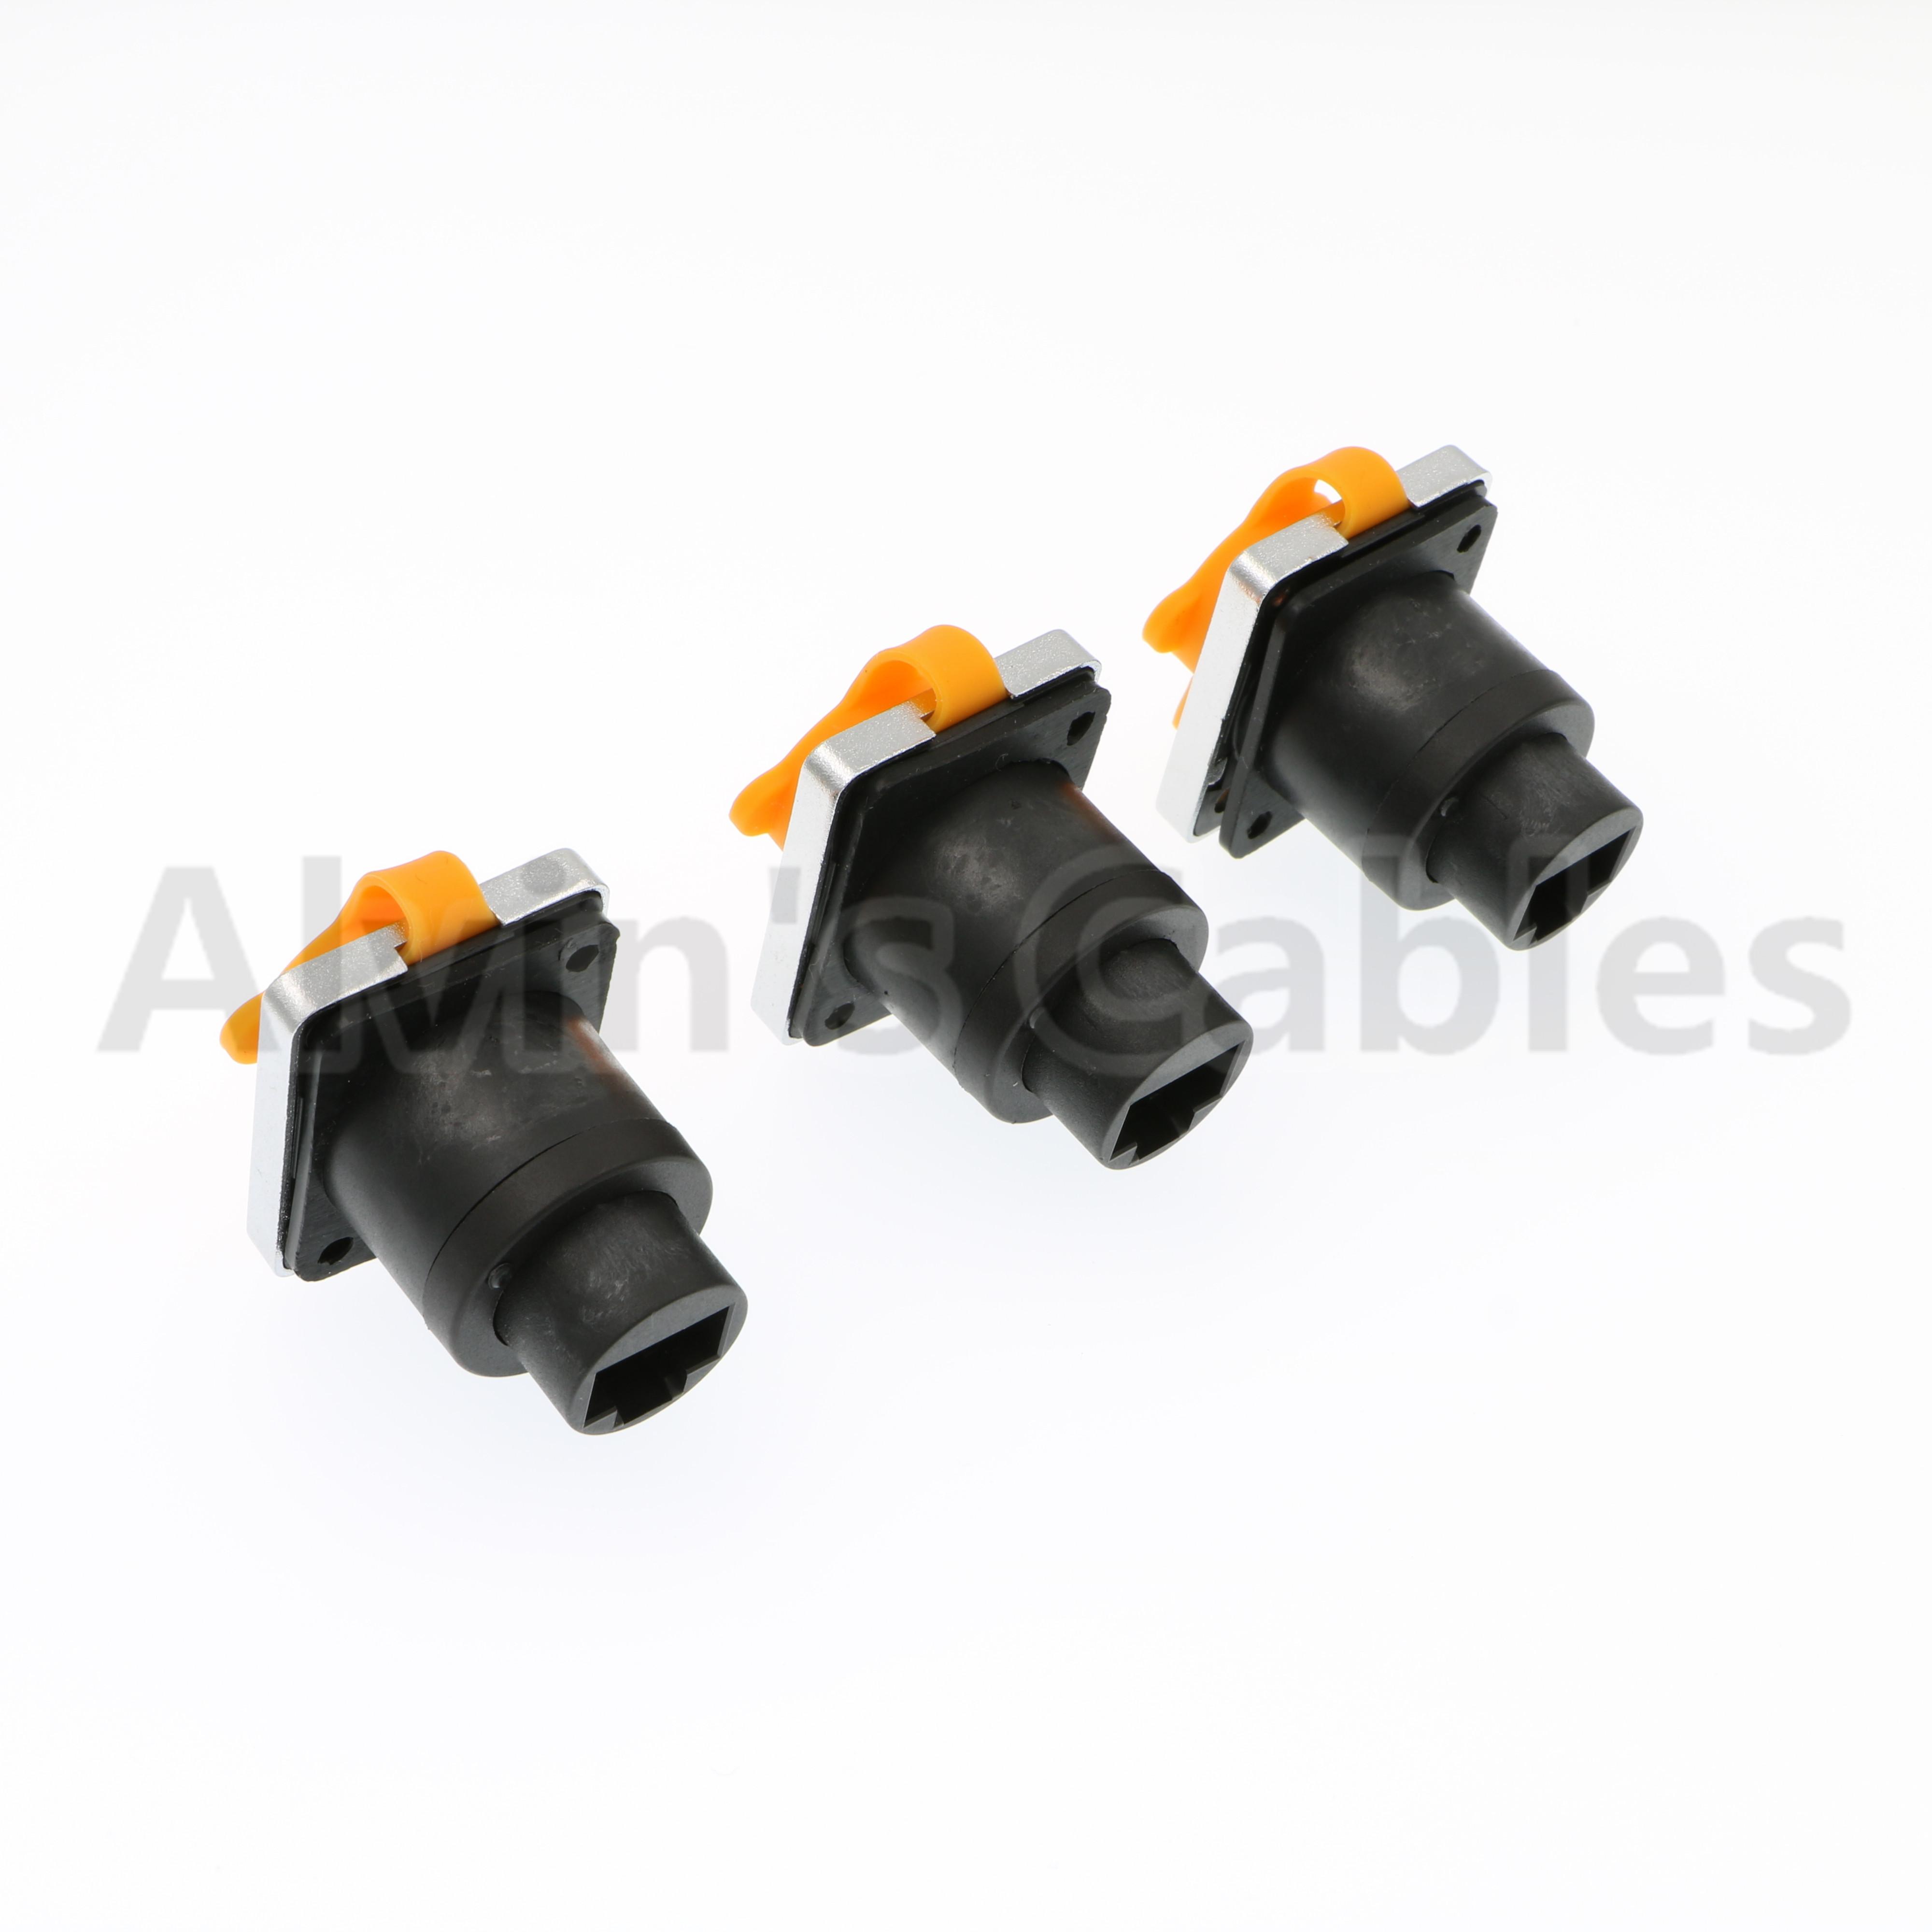 Alvins Cables 3 PCS RJ45 Waterproof Connector Plug IP65 Ethernet Panel Mount RJ45 Connector